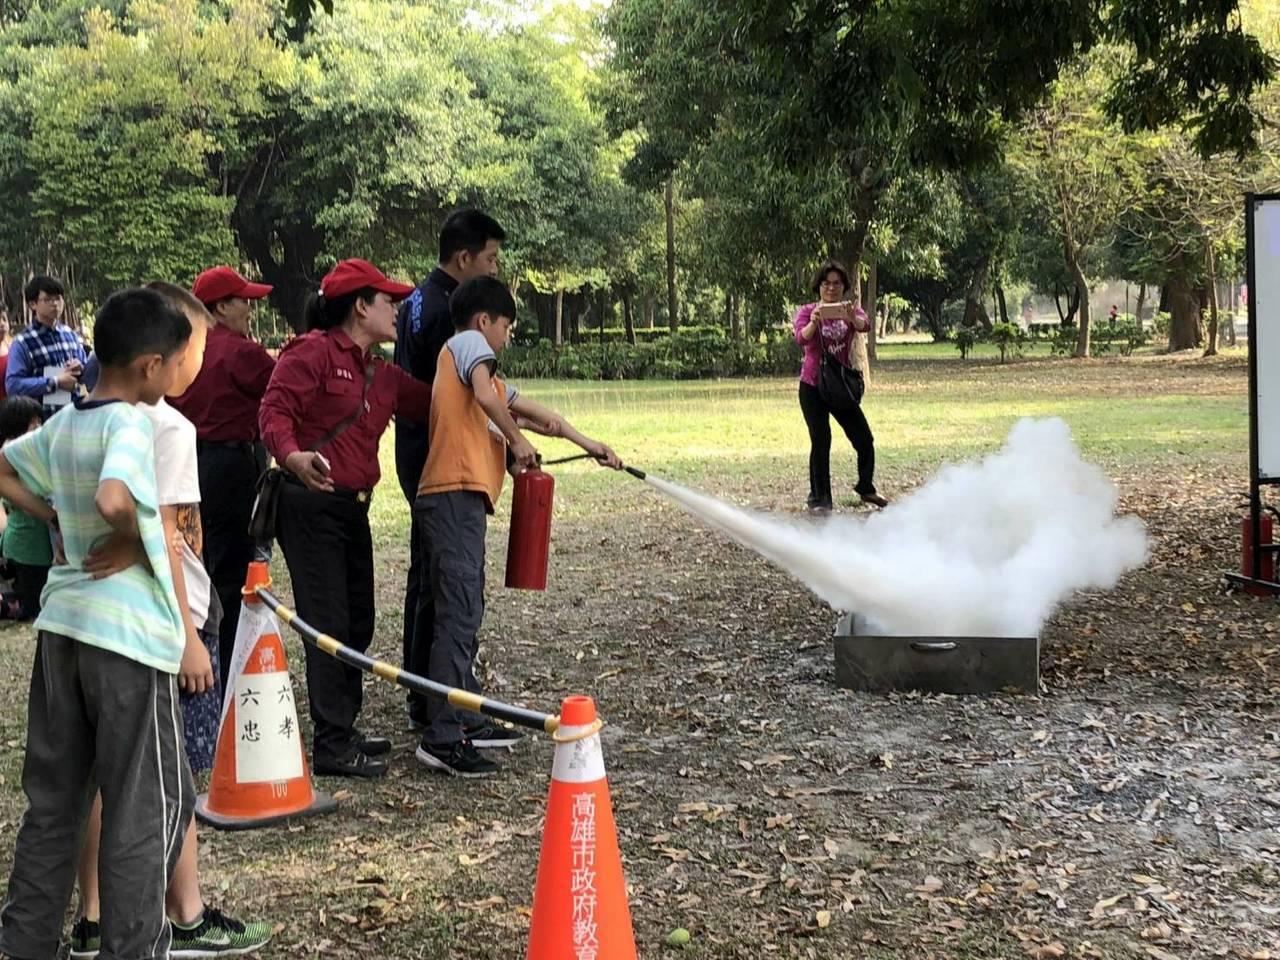 興糖國小學童在消防人員指導下,操作使用滅火器。圖/橋頭消防分隊提供